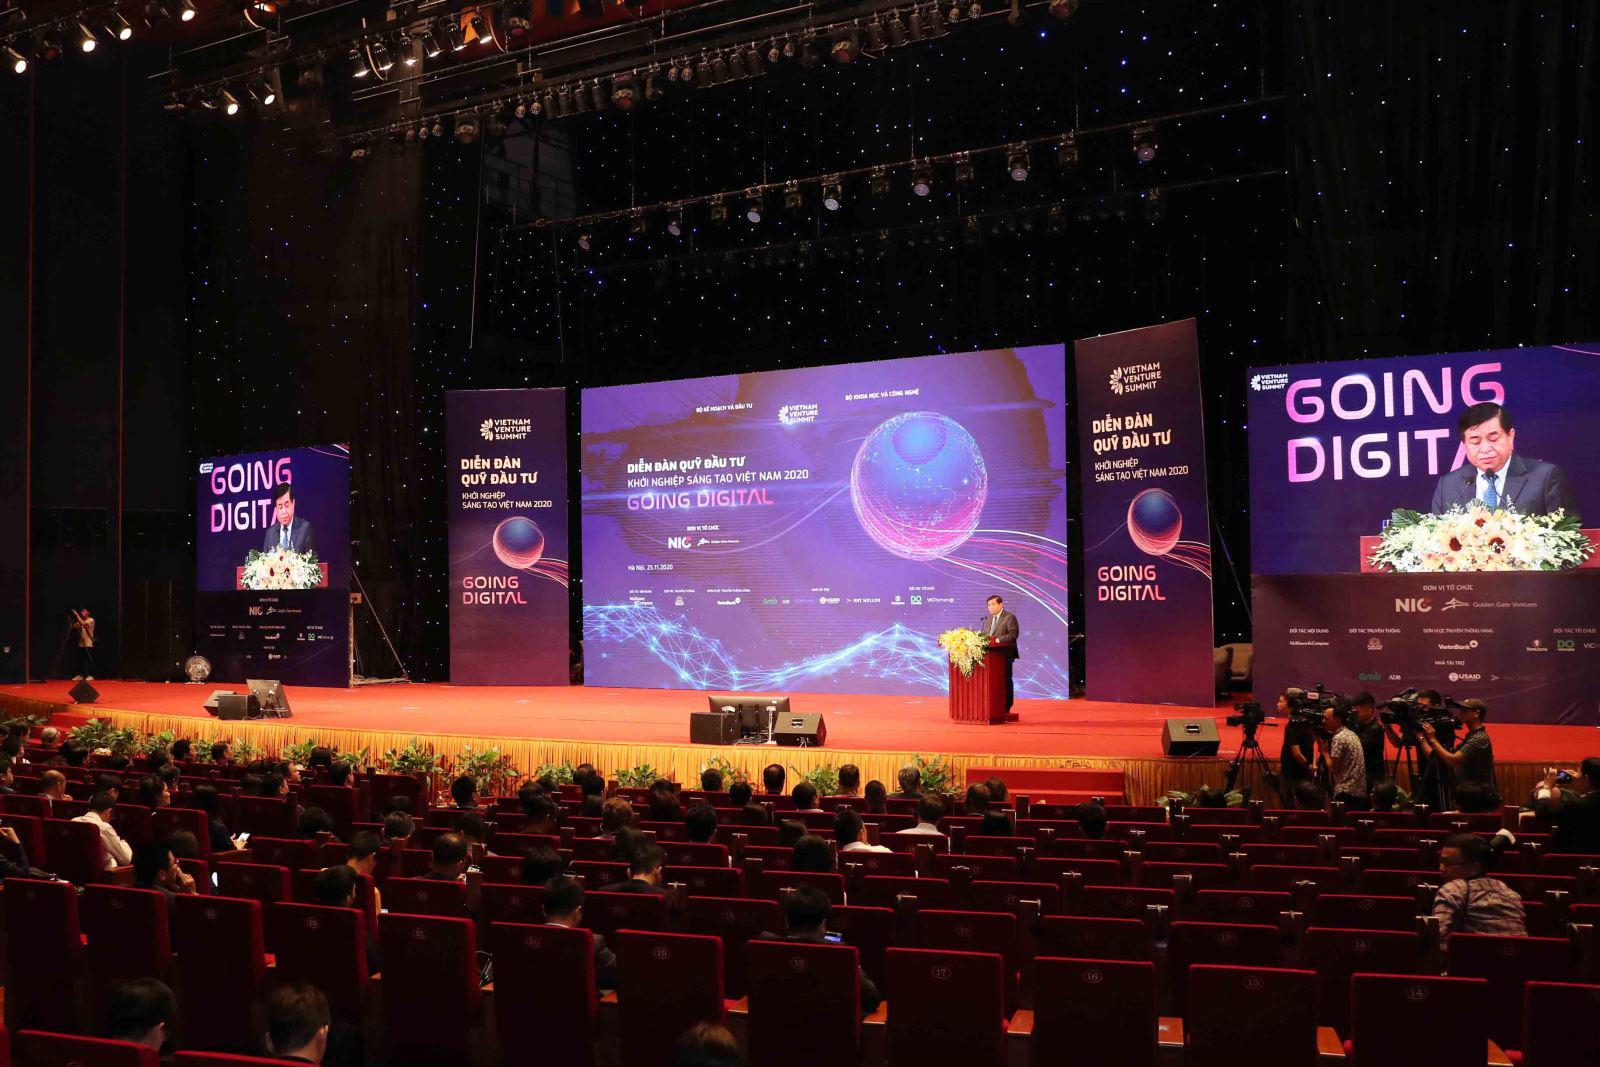 Bộ trưởng Nguyễn Chí Dũng: Đưa hàng tỷ USD vào khởi nghiệp sáng tạo - Ảnh 2.